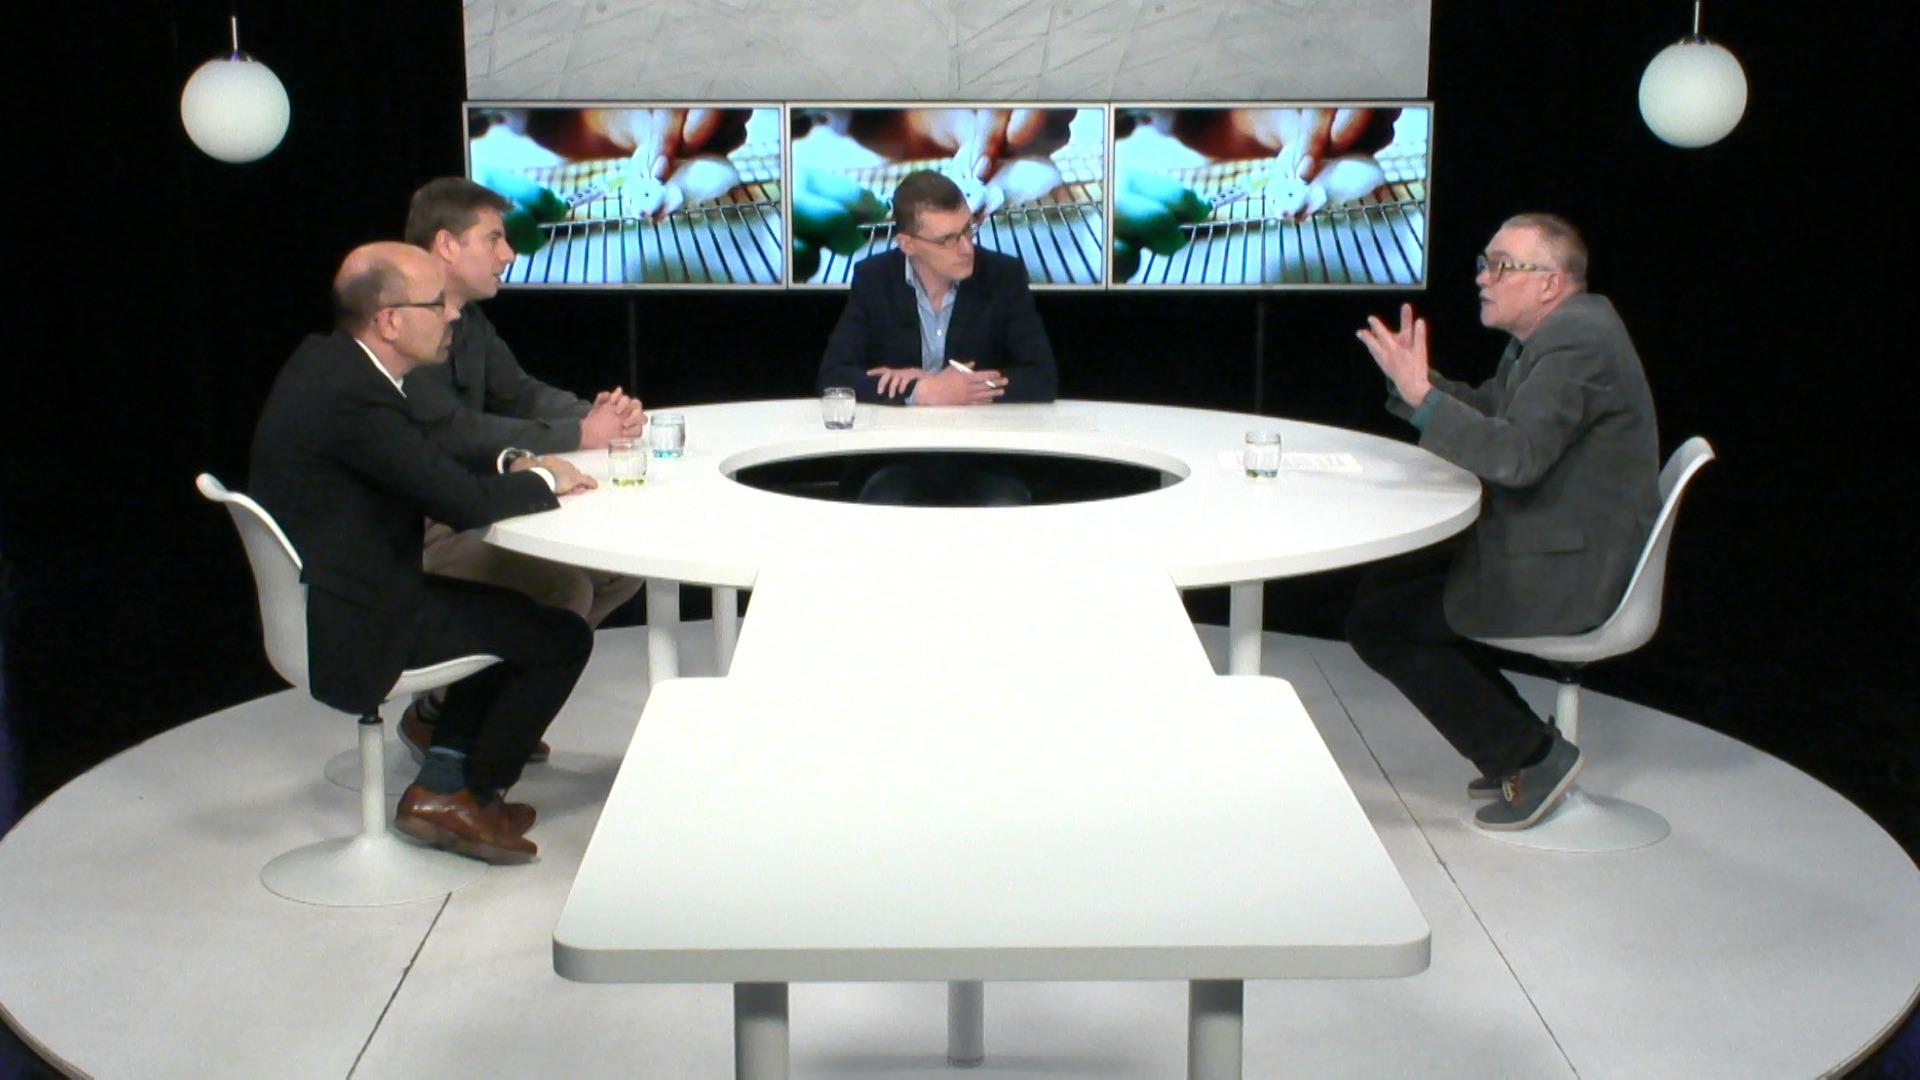 Het Debat: Dierproeven - met Bart Caron (Groen), Piet De Bruyn (N-VA) en Piet Dierckx